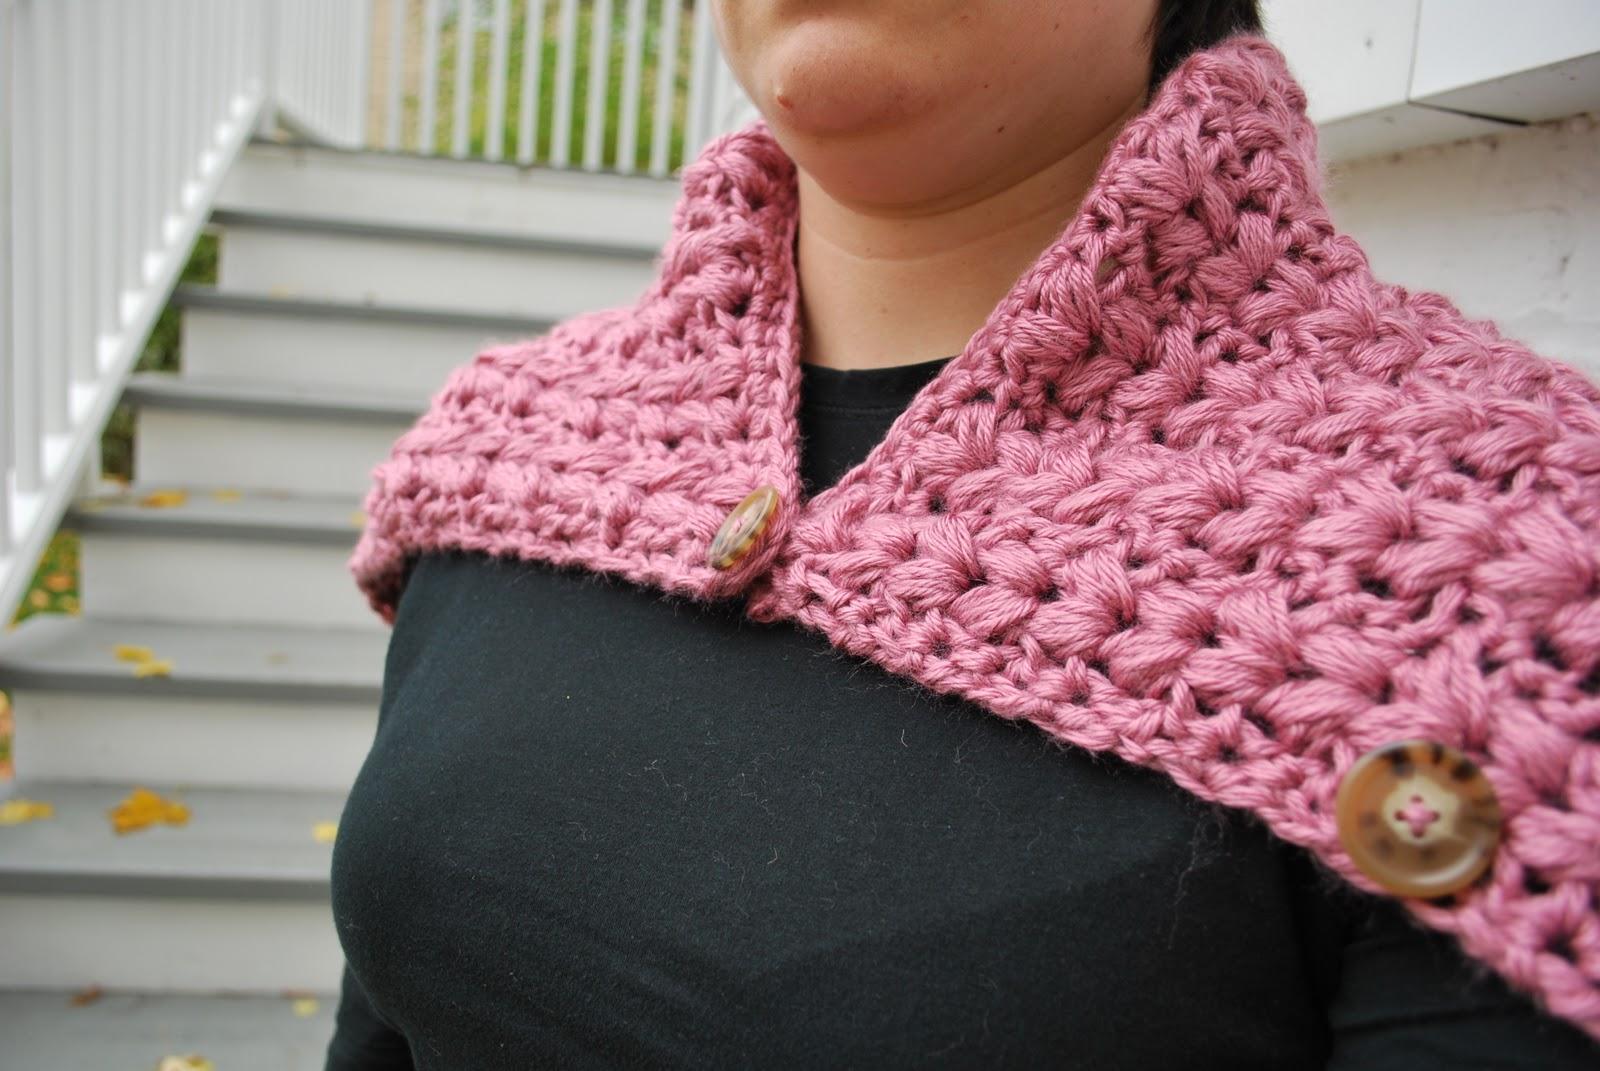 CROCHET PATTERN FOR HEAD SCARF - Crochet Club